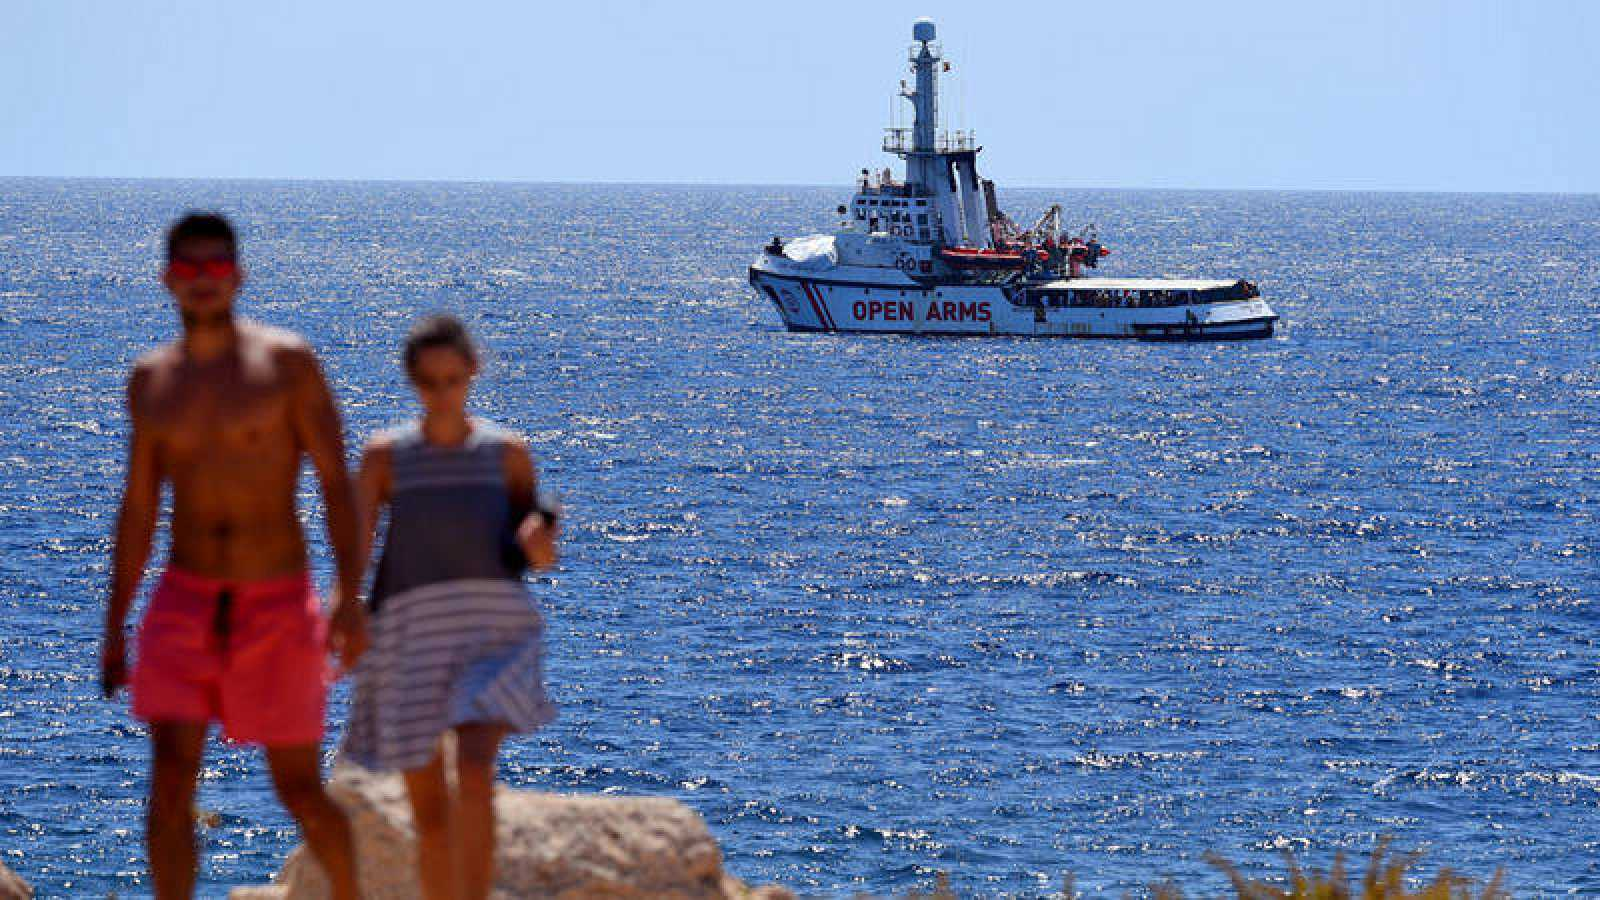 Italia se ofrece ahora a trasladar a los migrantes del Open Arms si el barco retira la bandera de España